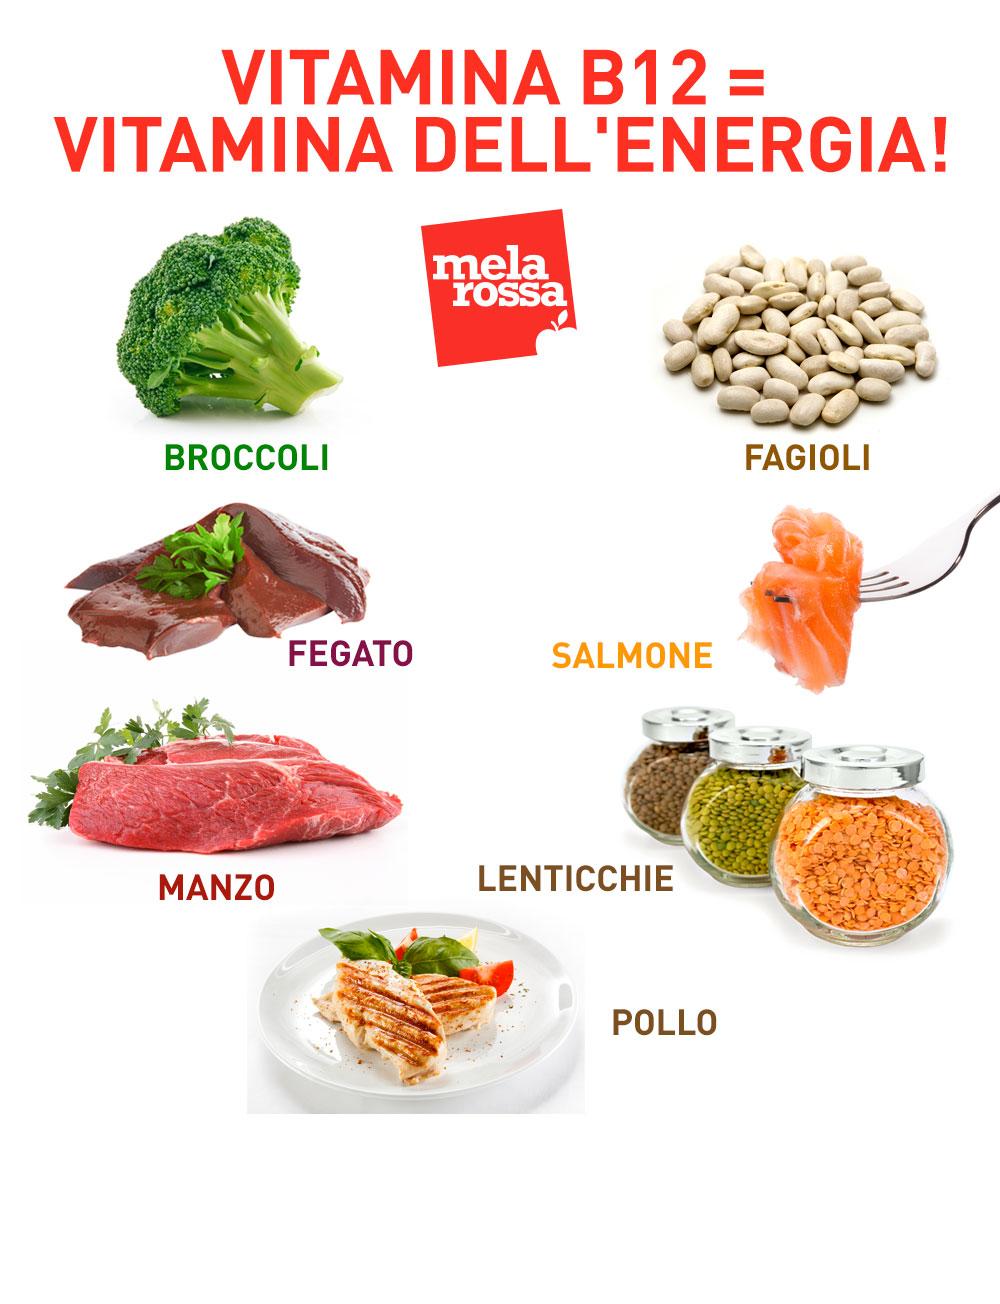 Fai il pieno di vitamina B12